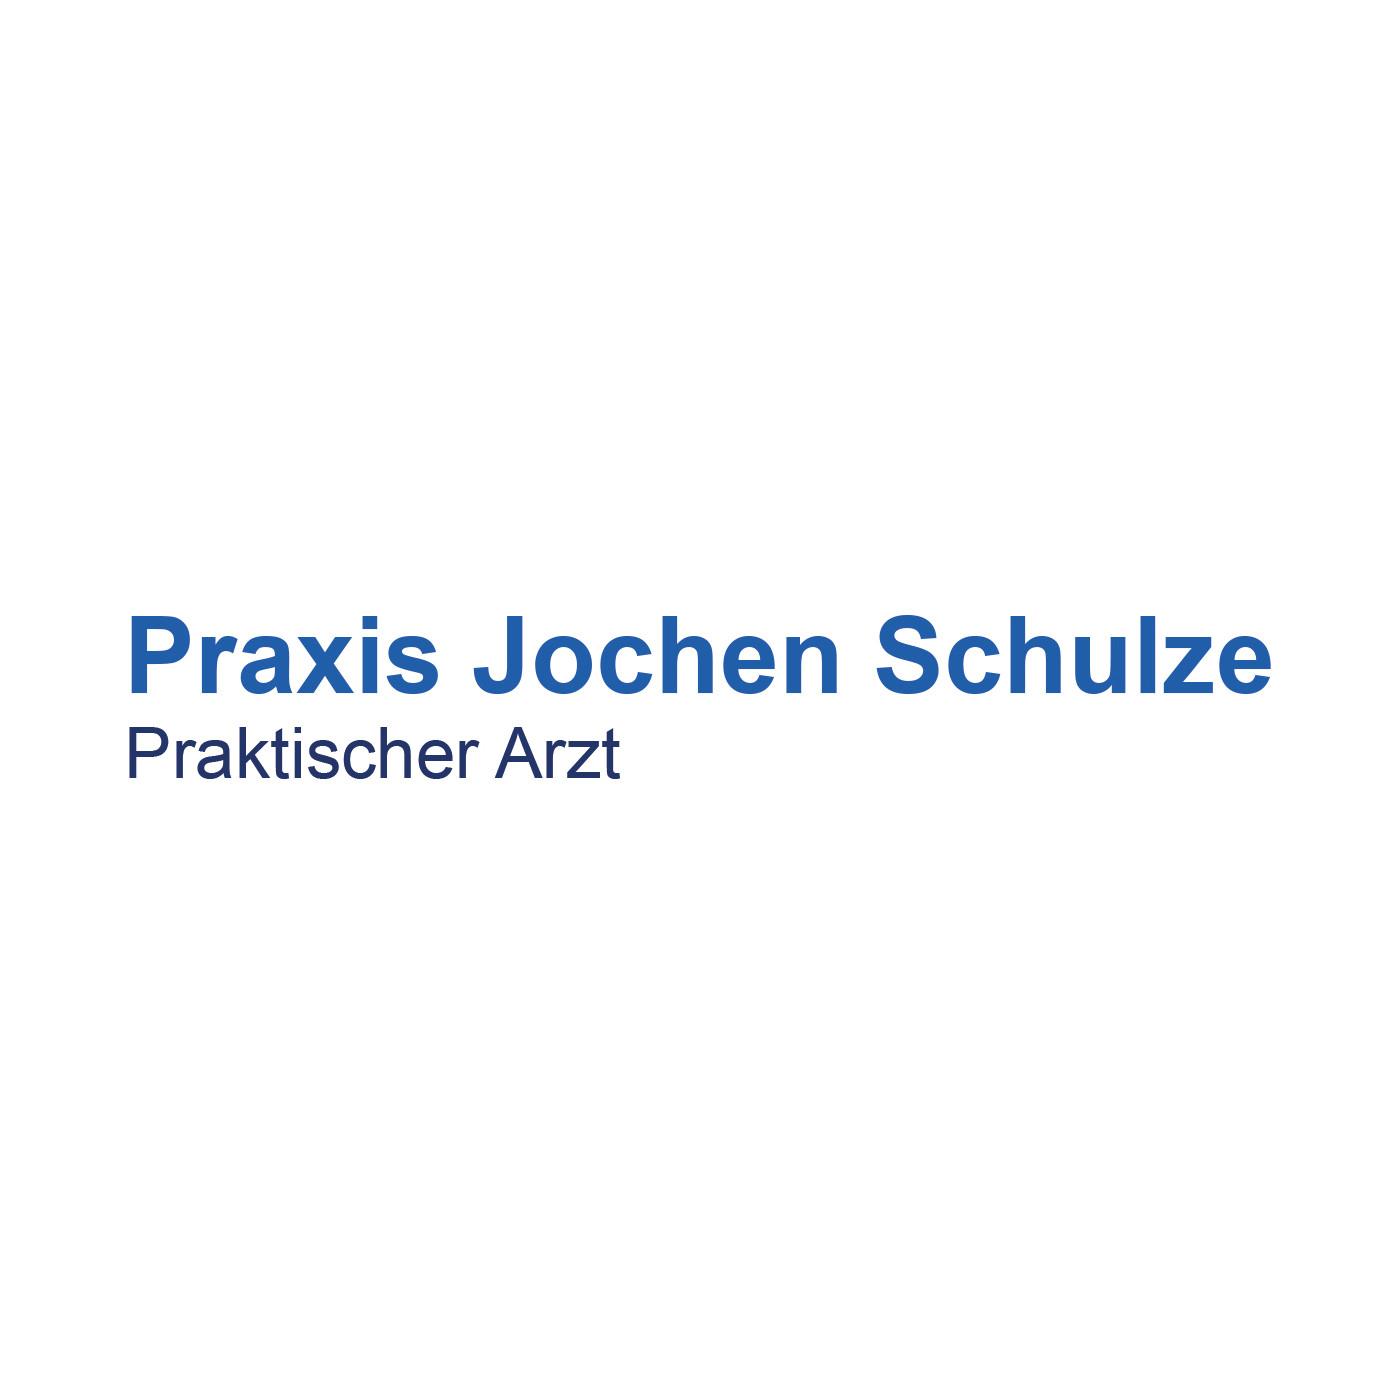 Bild zu Praxis Jochen Schulze - Praktischer Arzt in Korschenbroich